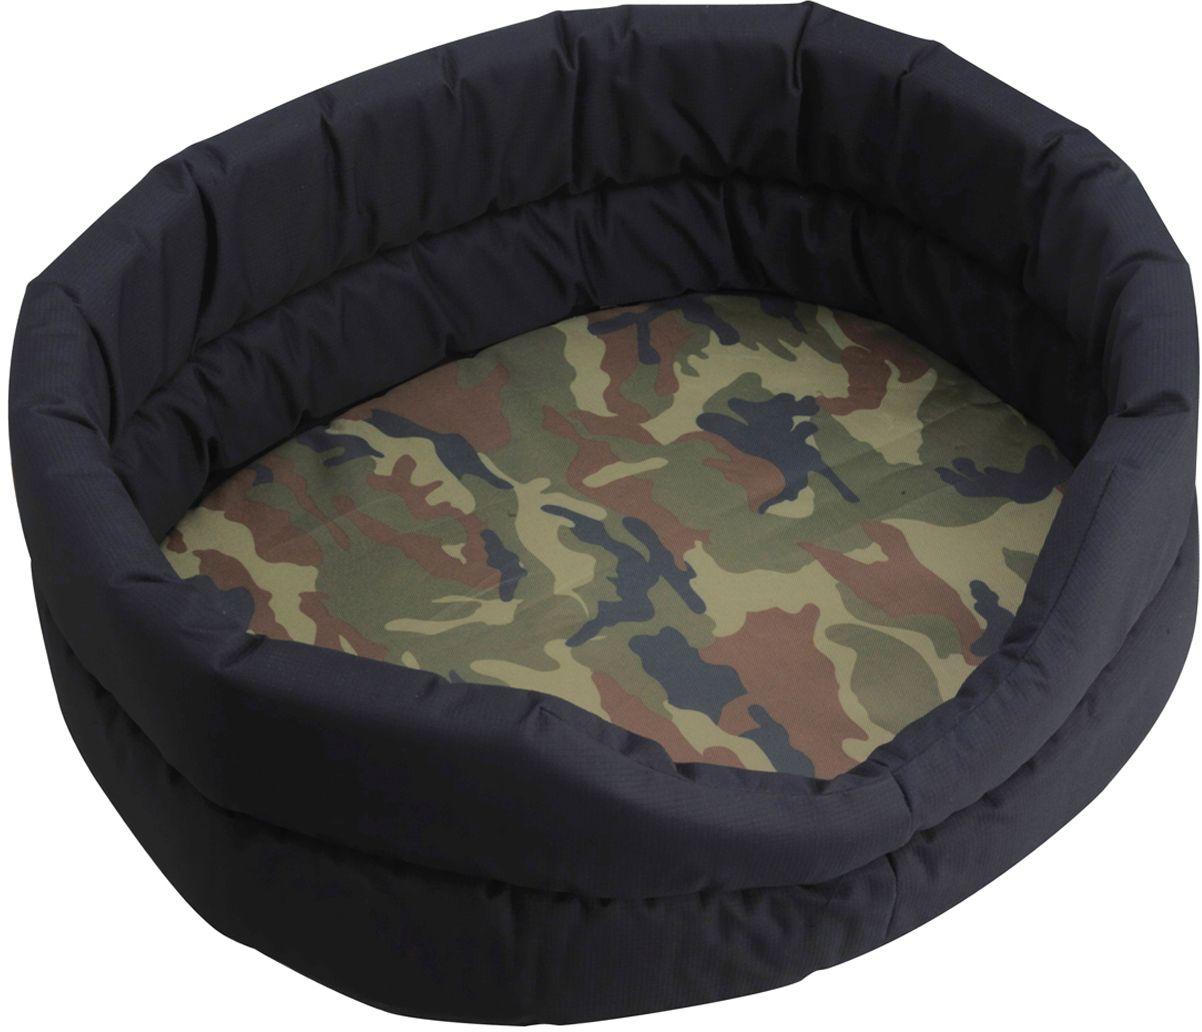 Лежак для собак Happy House Outdoor, цвет: камуфляж, 52 х 43 х 17 см0120710Мягкий лежак для собак Happy House Outdoor обязательно понравится вашему питомцу. Он выполнен из высококачественного хлопка, а наполнитель из полиэстера. Такой материал не теряет своей формы долгое время.Лежак оснащен съемной подстилкой. Высокие борта обеспечат вашему любимцу уют. За изделием легко ухаживать, его можно стирать вручную. Мягкий лежак станет излюбленным местом вашего питомца, подарит ему спокойный и комфортный сон, а также убережет вашу мебель от многочисленной шерсти.